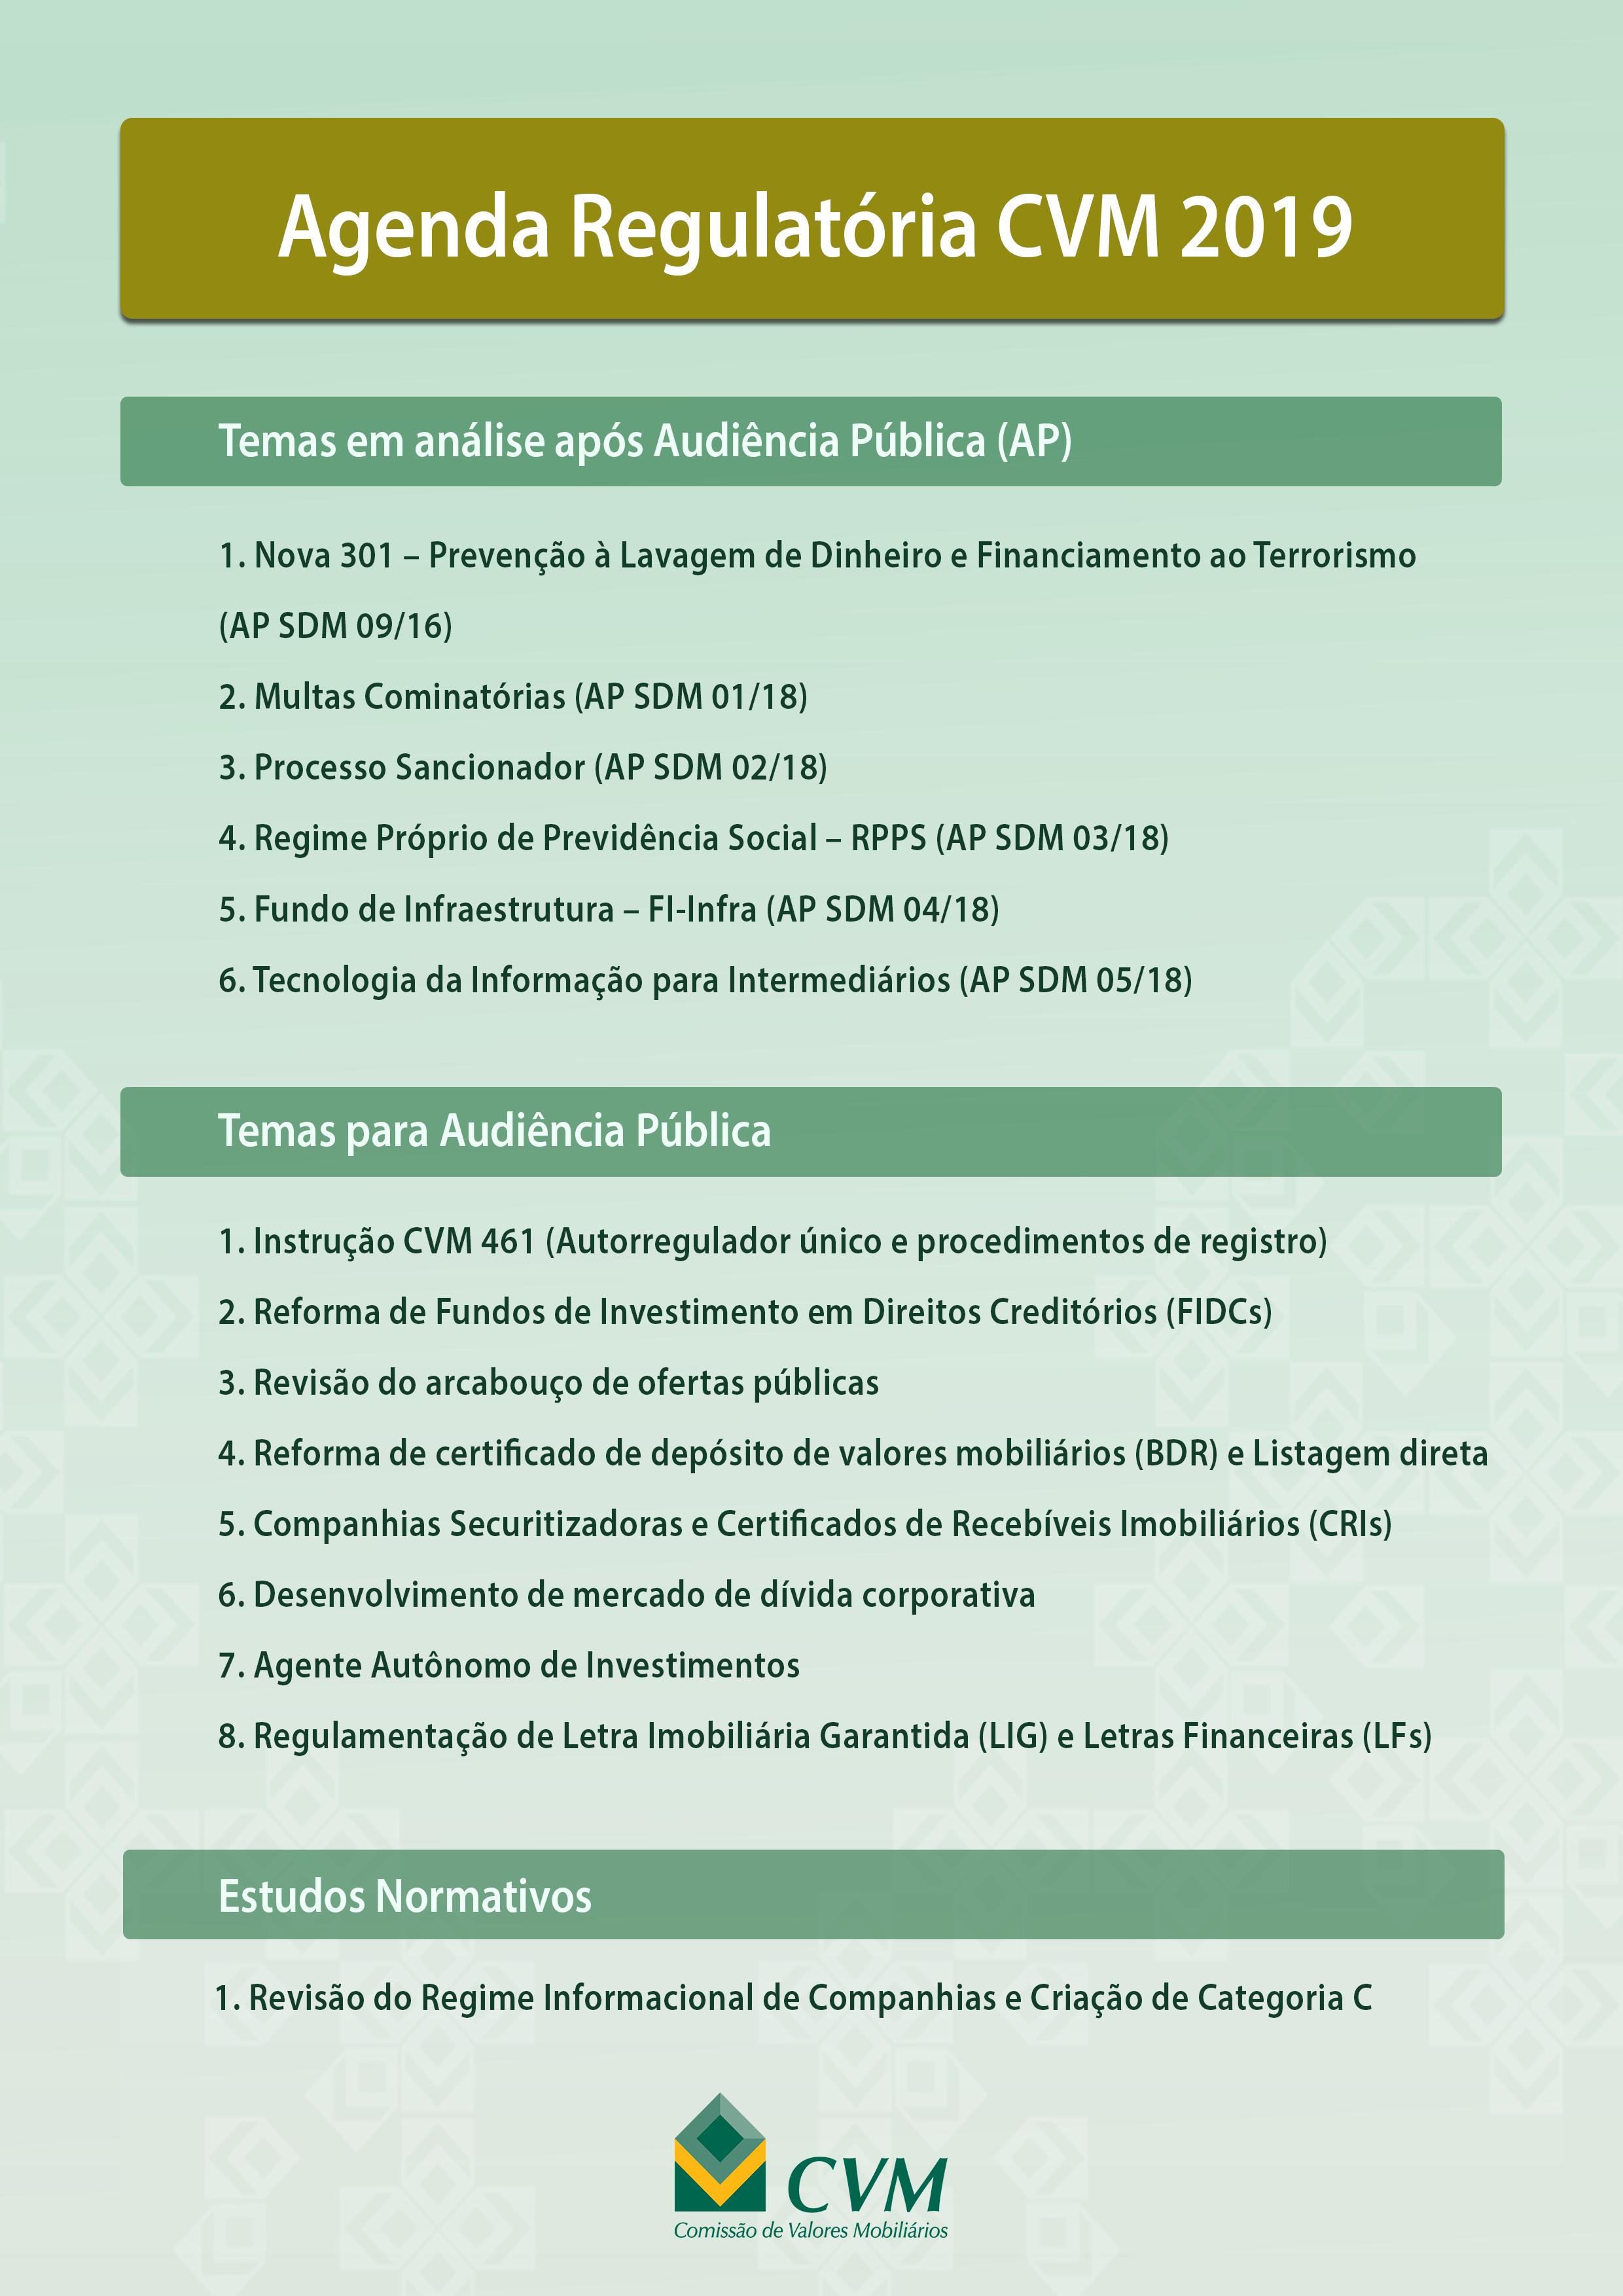 Agenda Regulatória CVM 2019